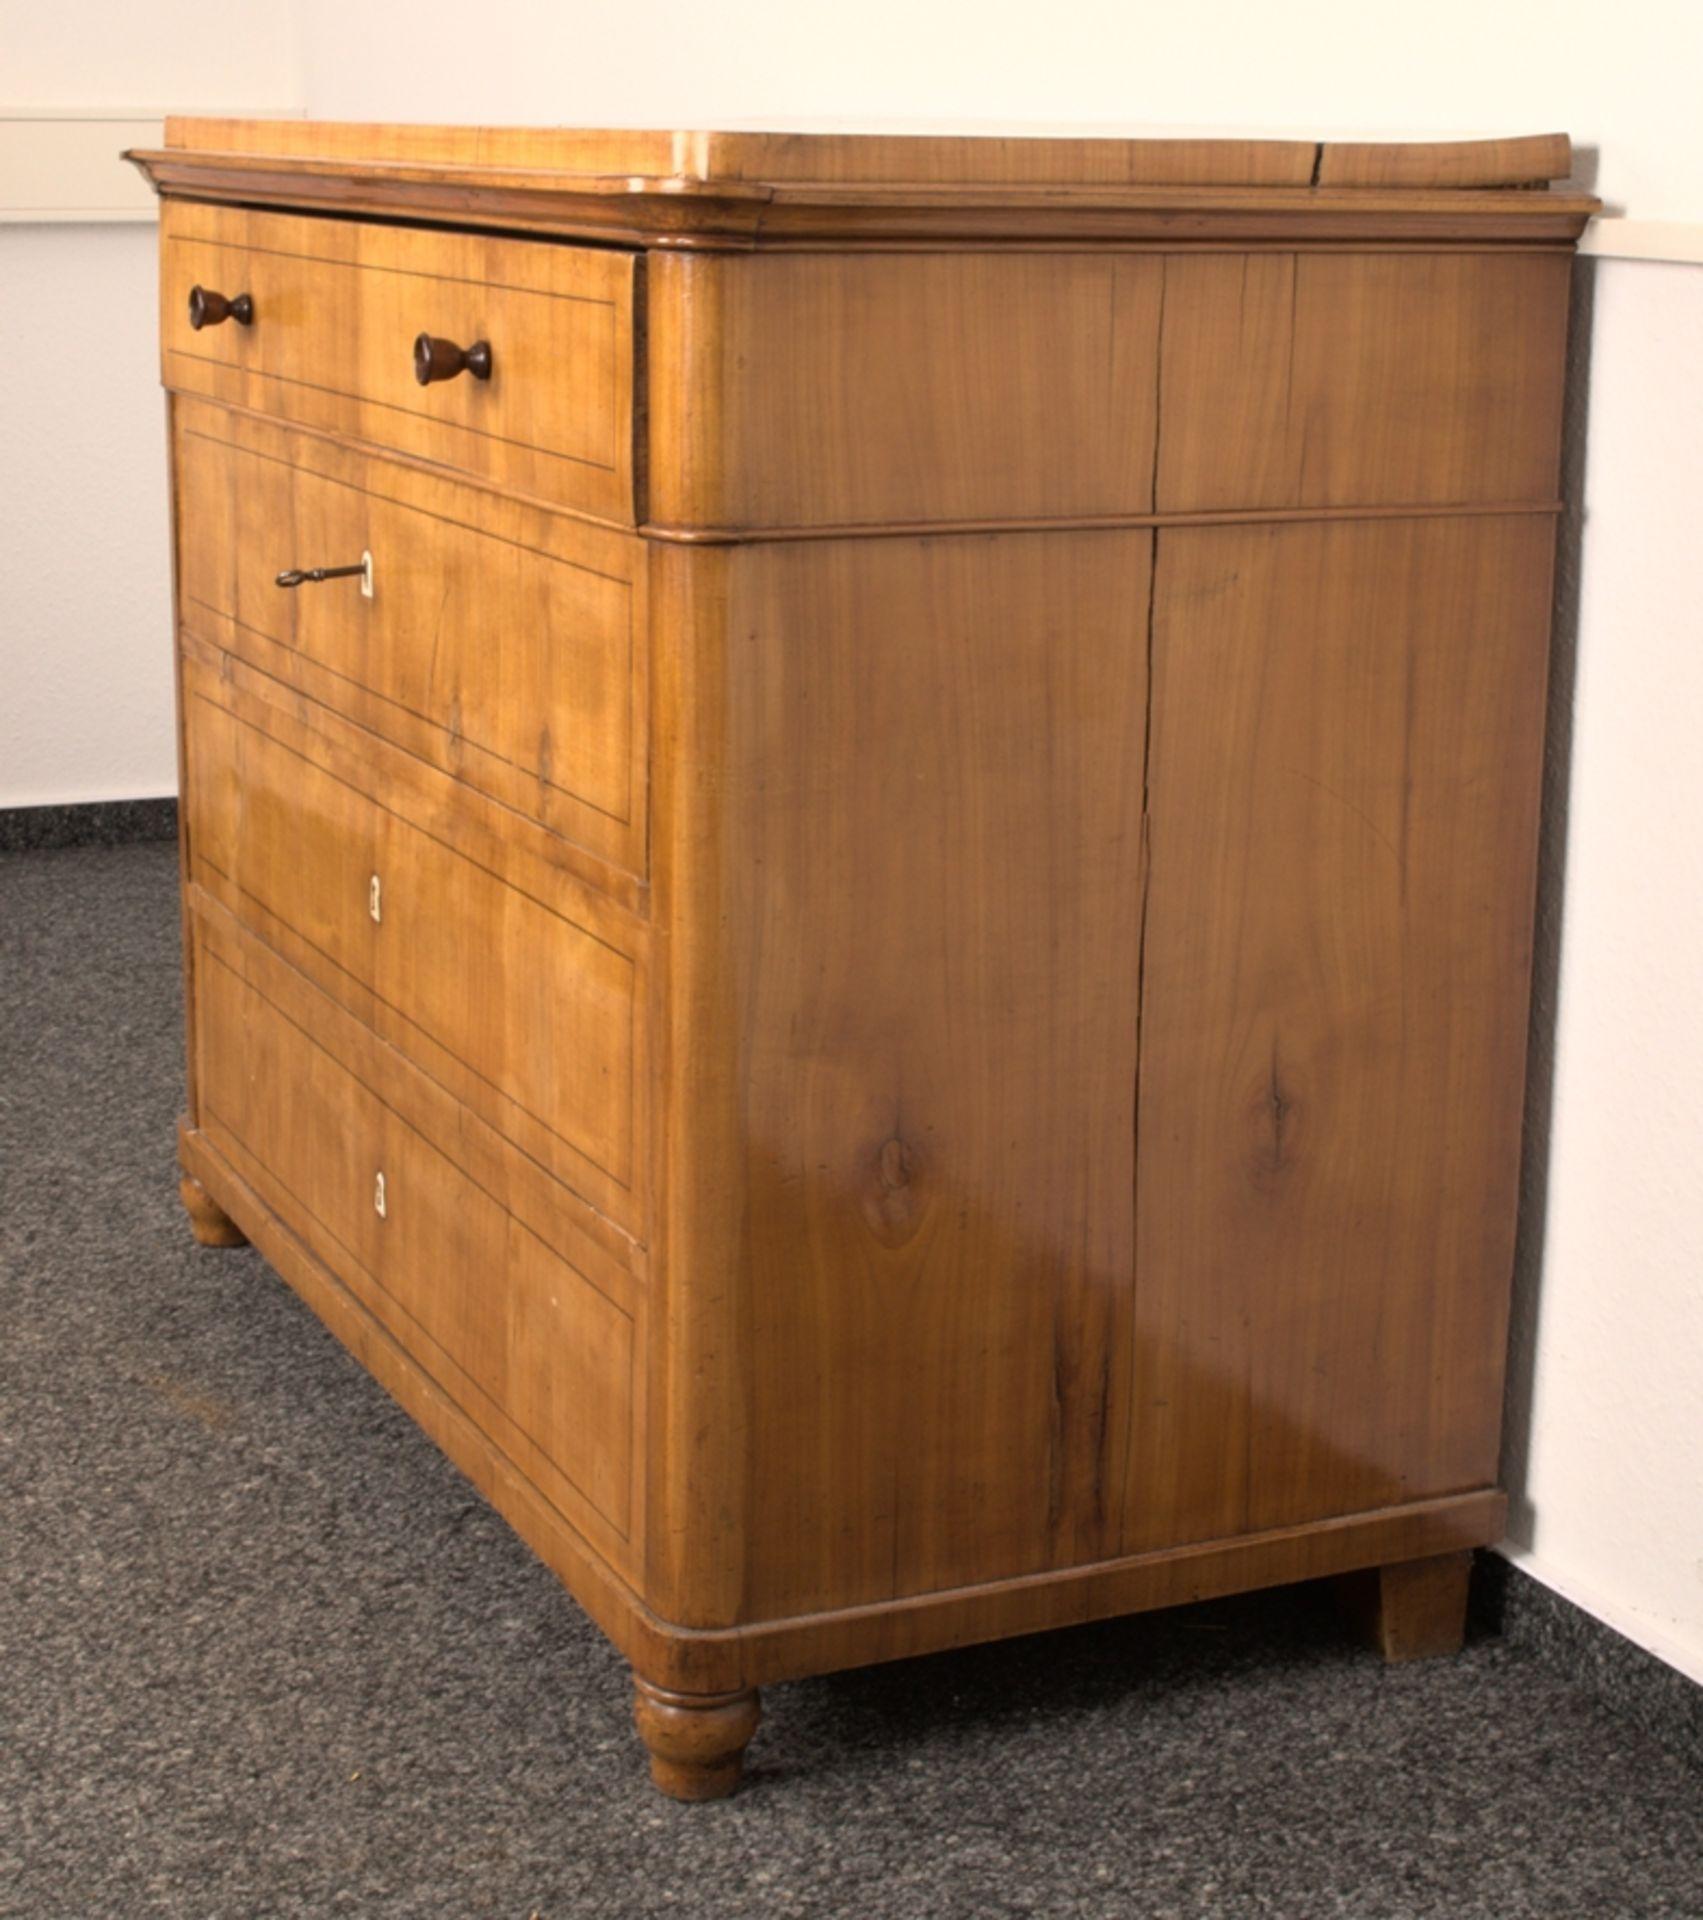 Wäschekommode. Biedermeier um 1835. Kirschbaum massiv & furniert, die 4 Schubladen-Fronten mit - Bild 4 aus 18